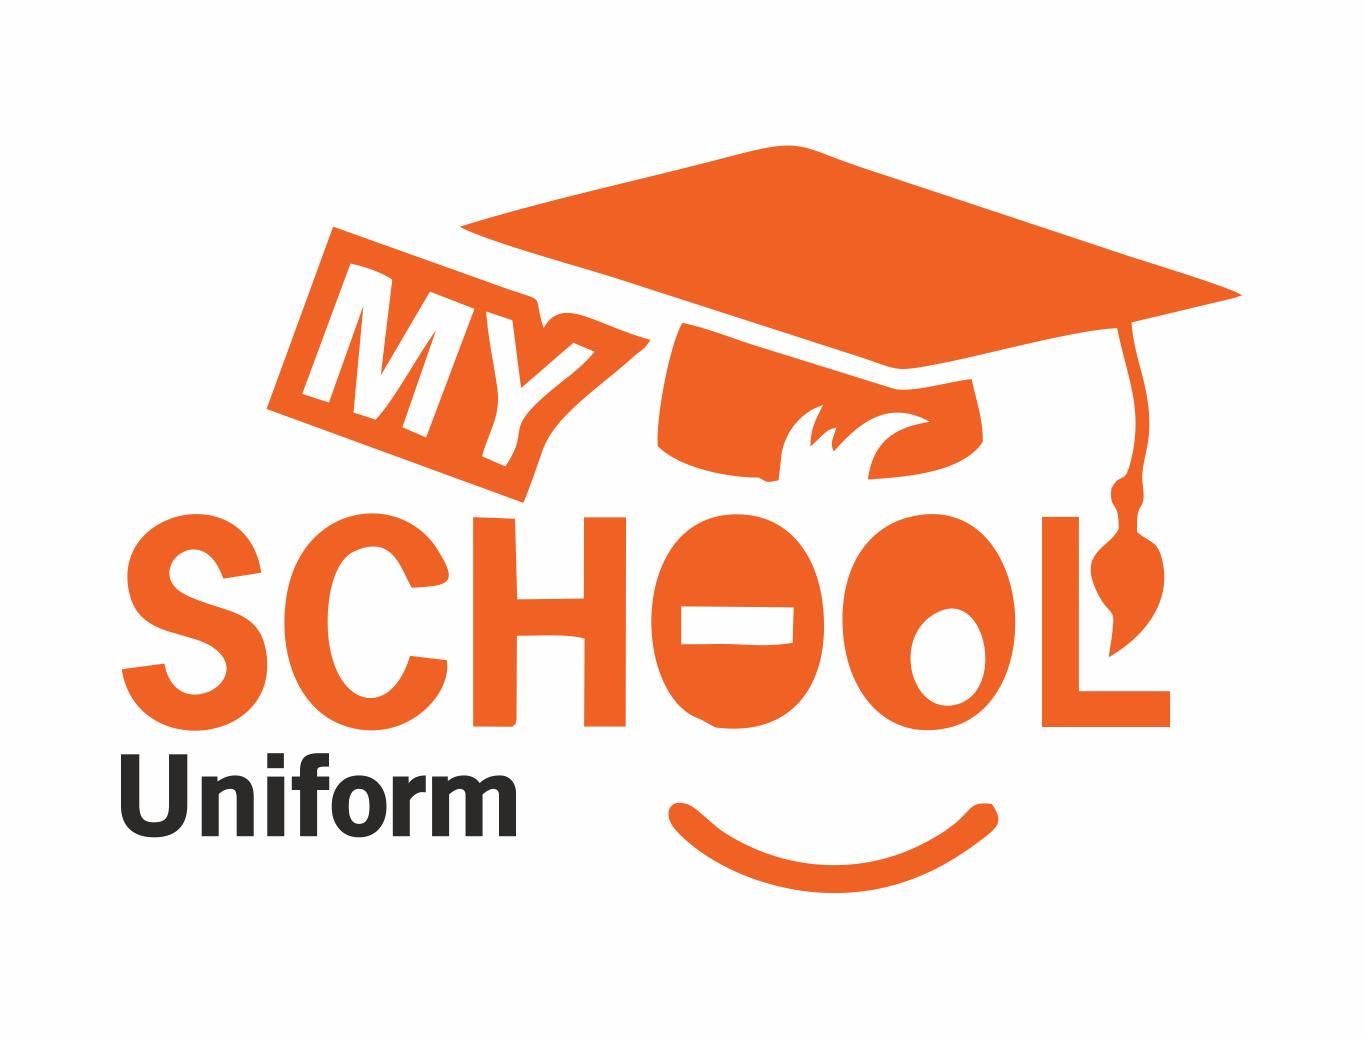 Plain School Uniforms - Large range of plain uniforms